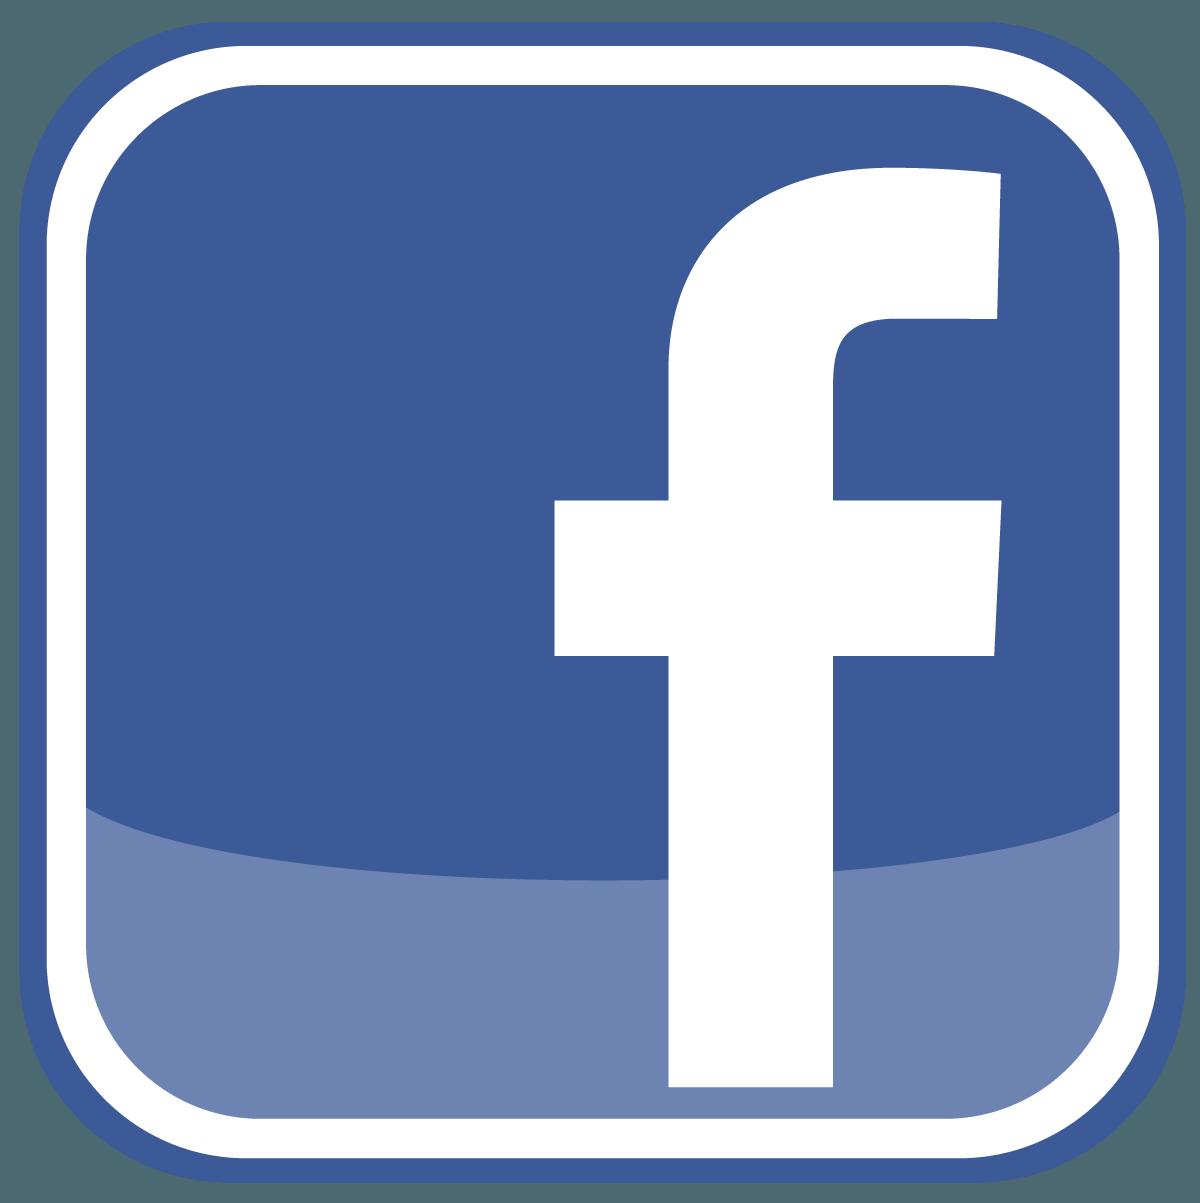 Icono Facebook Bicicletas Mañas